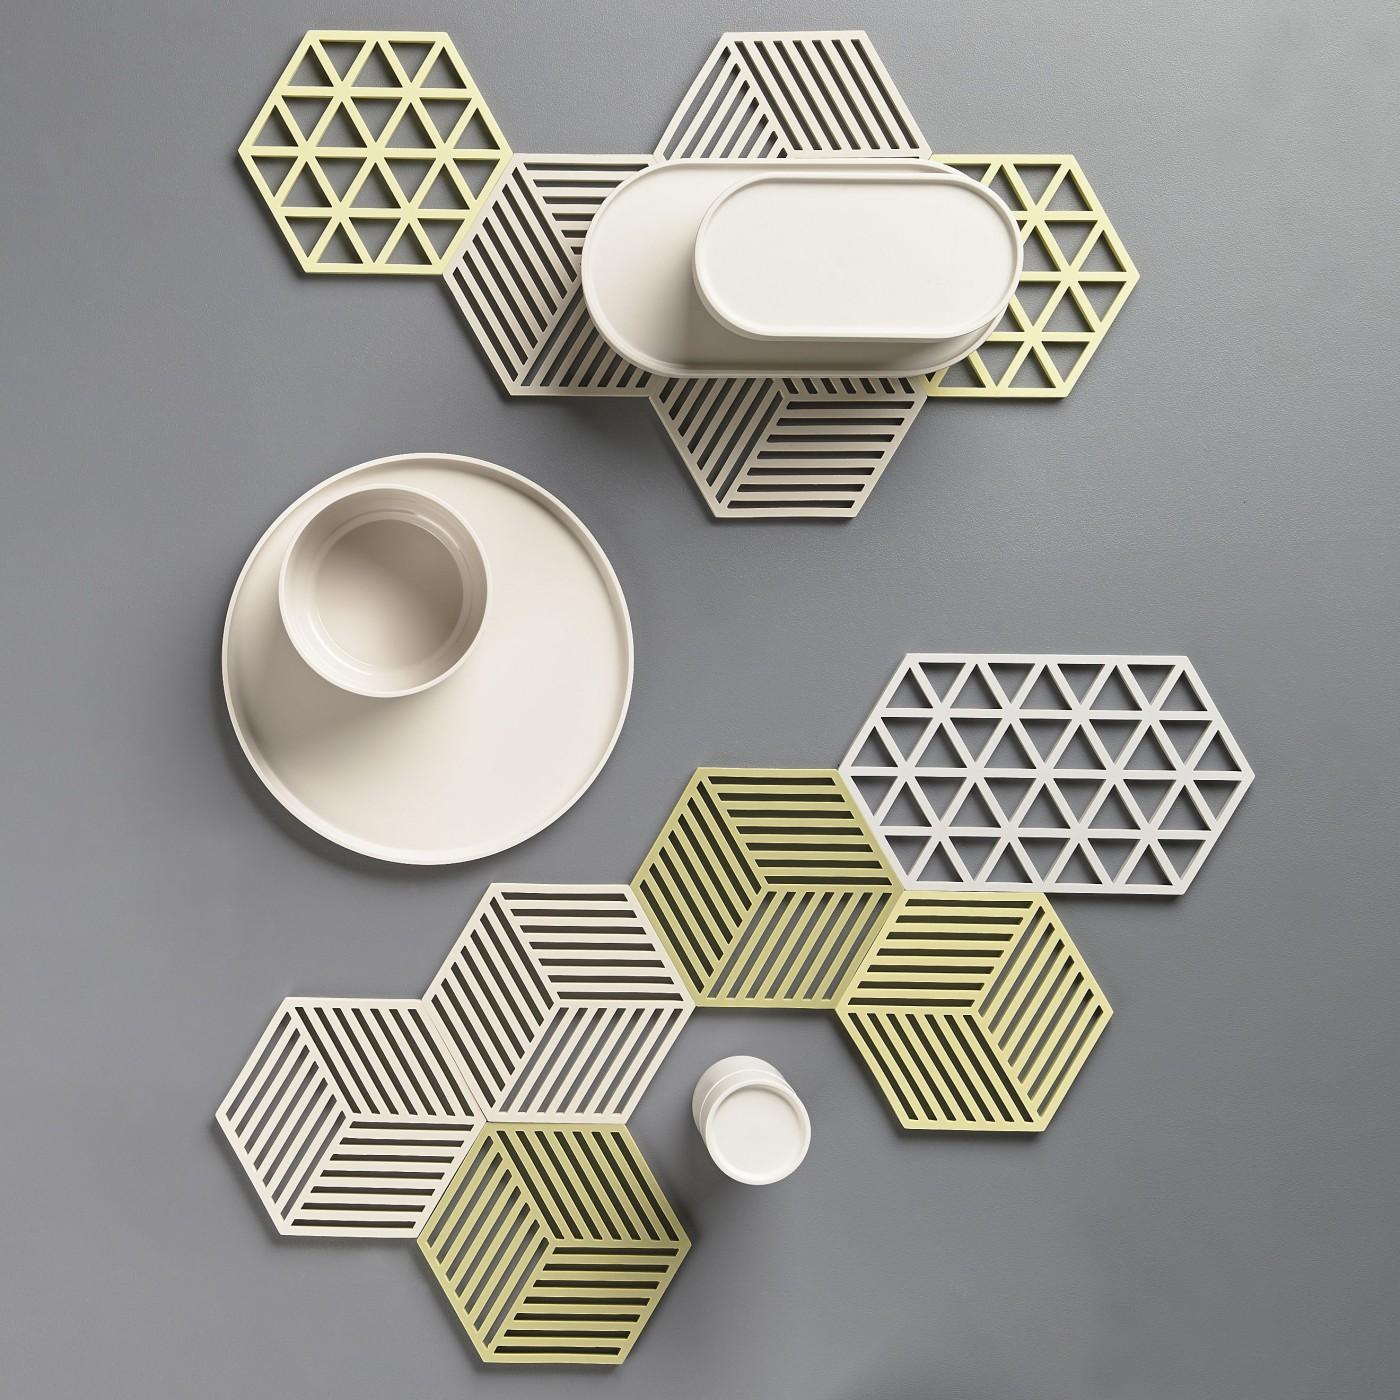 Trivet Hexagon 16 X 14 Cm Zone Denmark